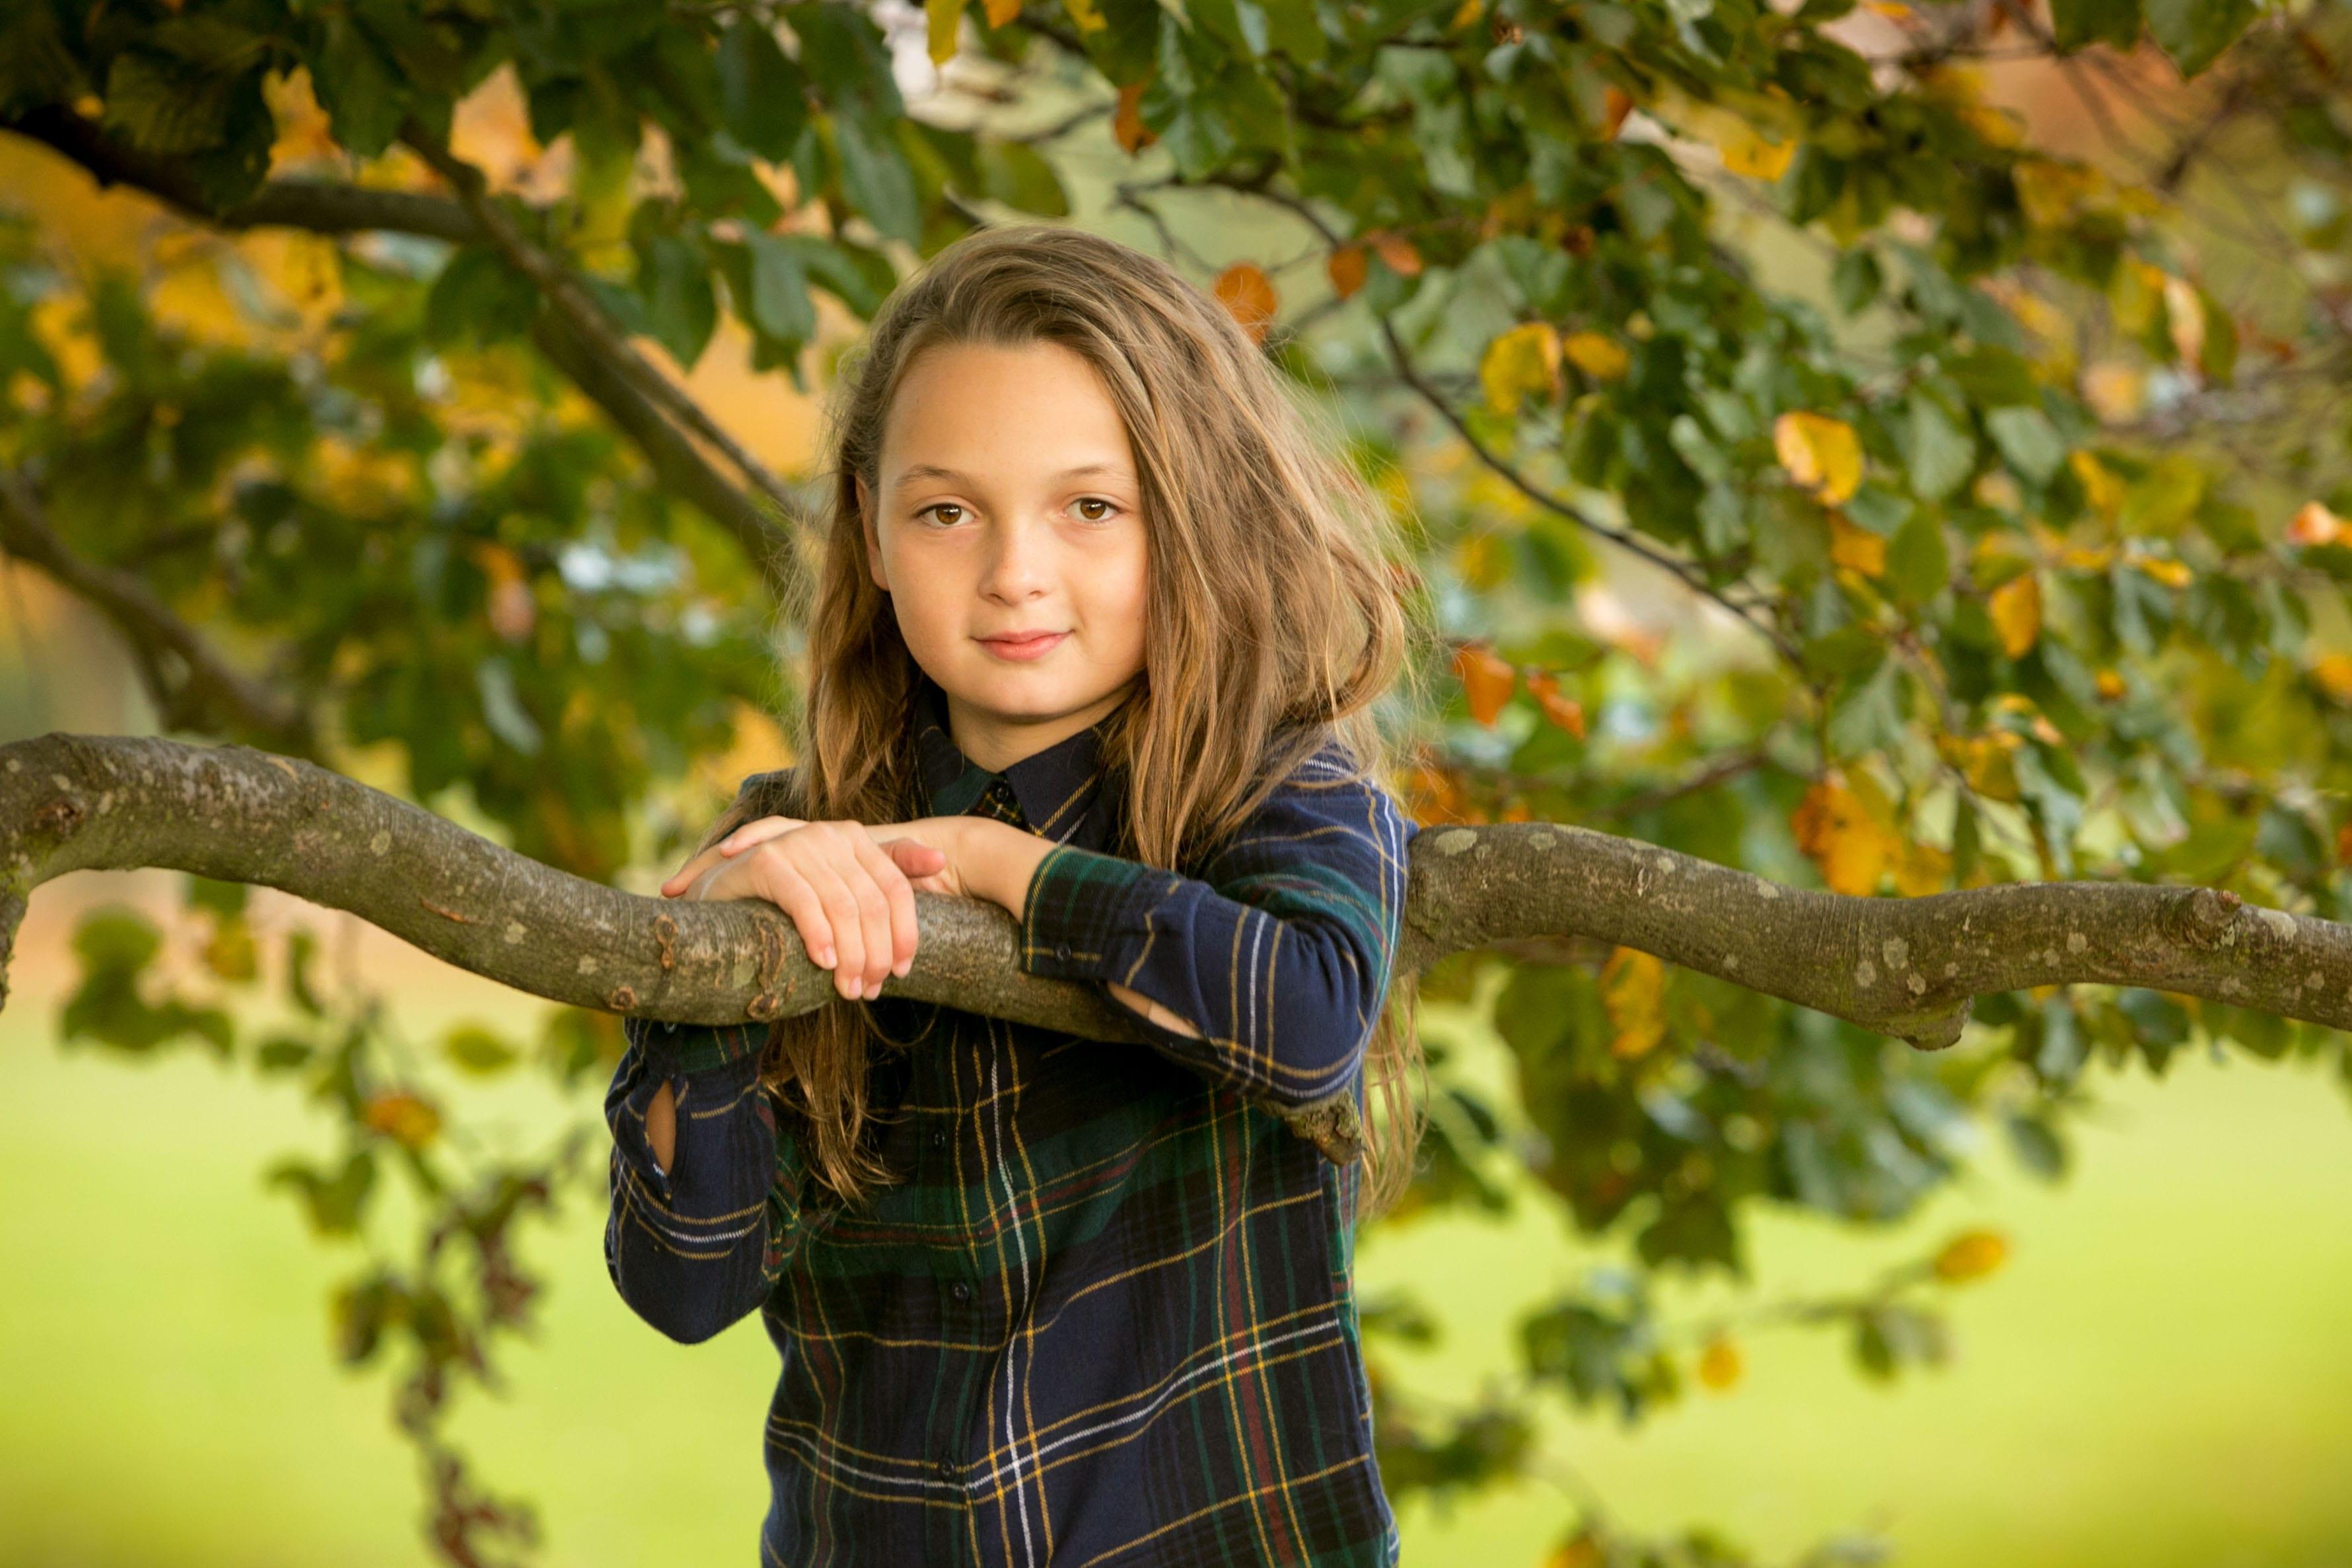 girl branch